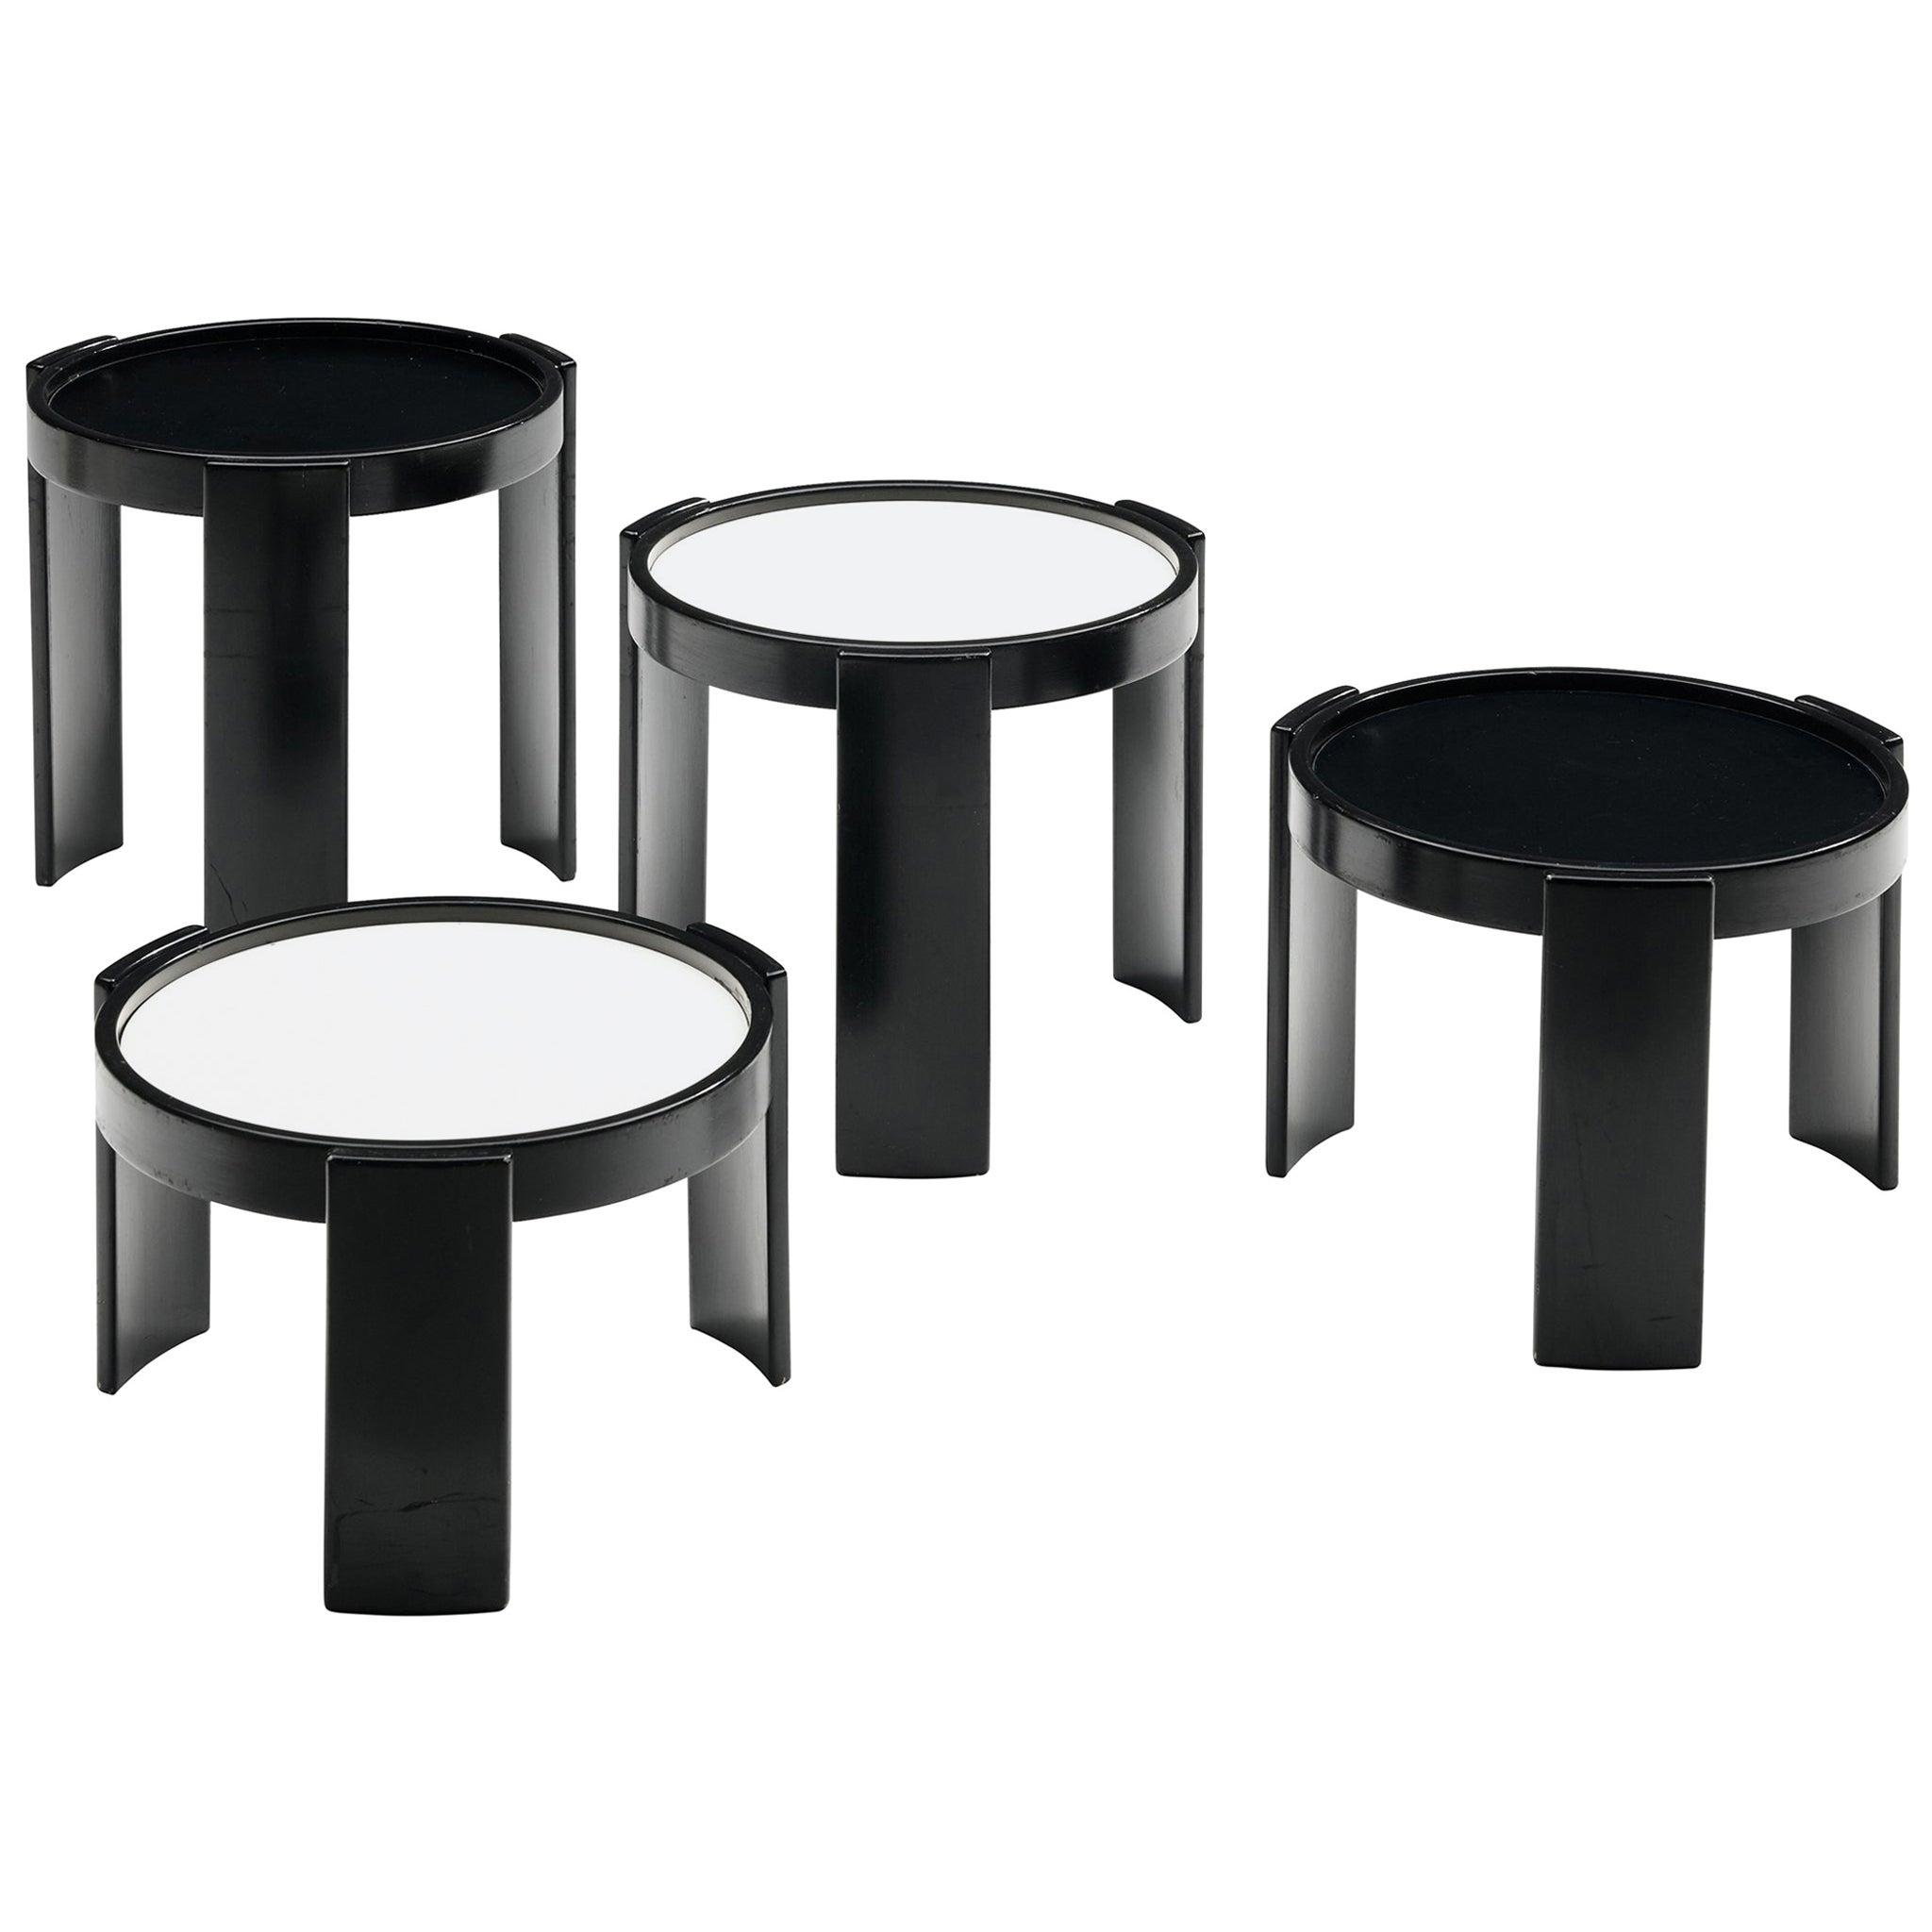 Gianfranco Frattini '780' Nesting Tables